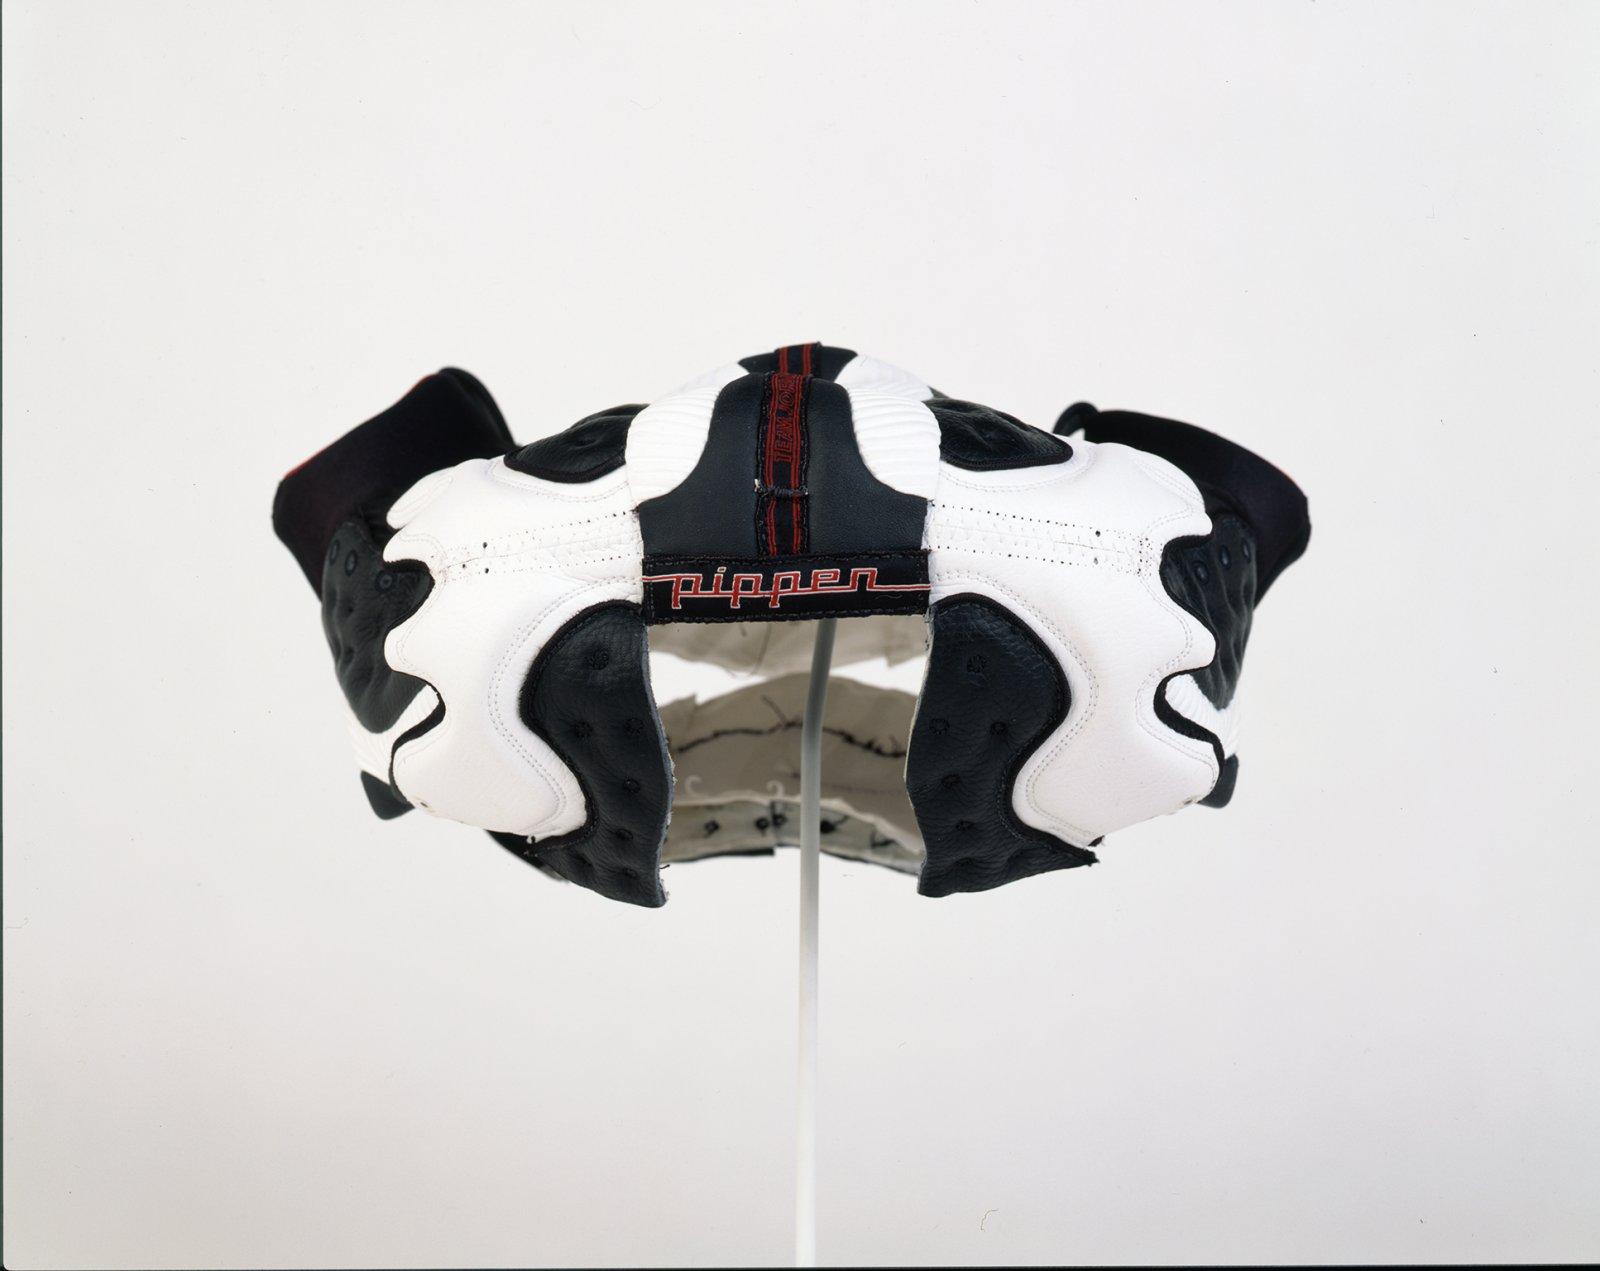 Brian Jungen,Prototype for New Understanding #1, 1998, nike air jordans, 7 x 15 x 14 in. (17 x 37 x 35cm)